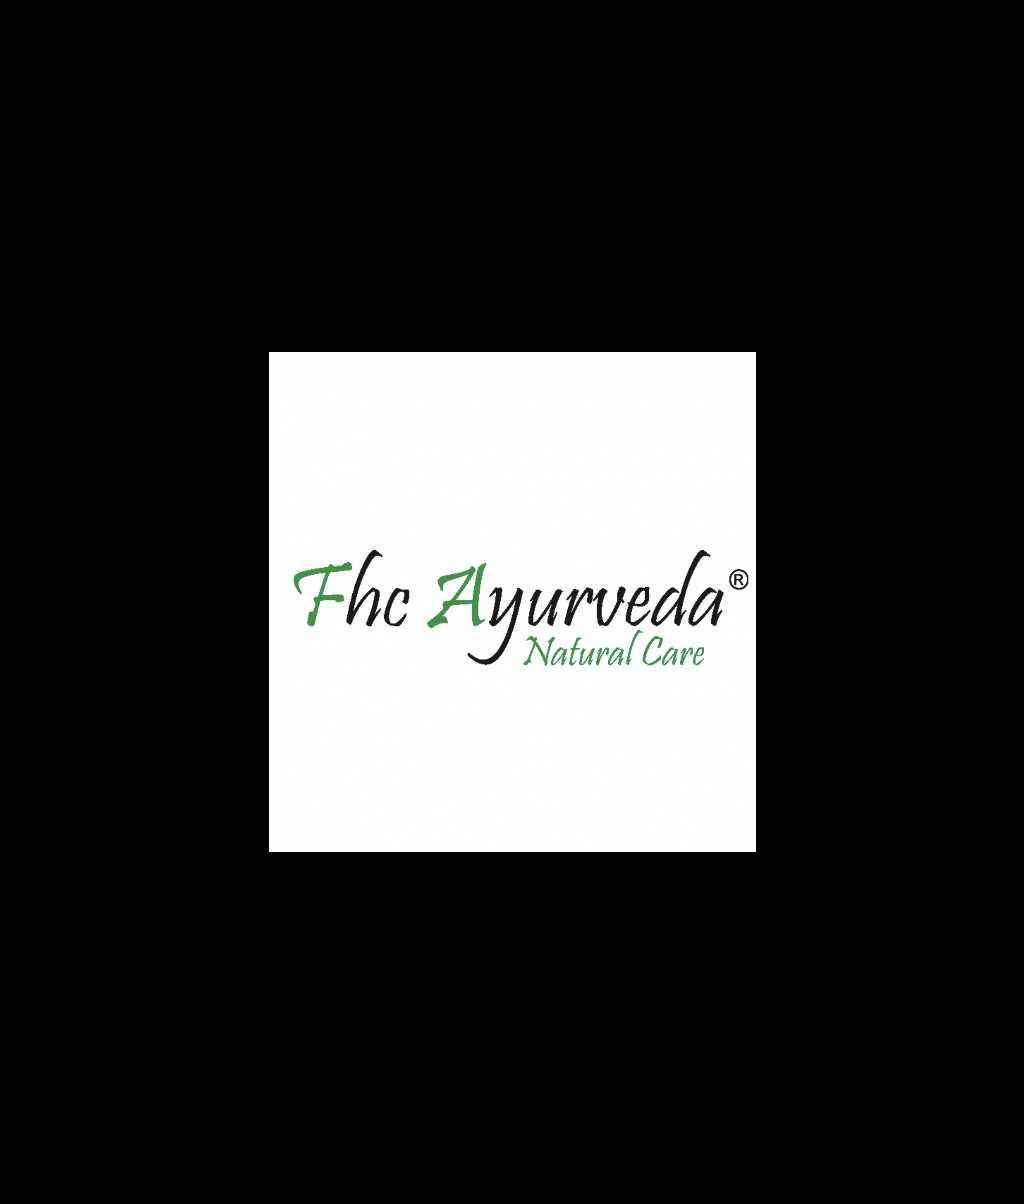 FHC Ayurveda